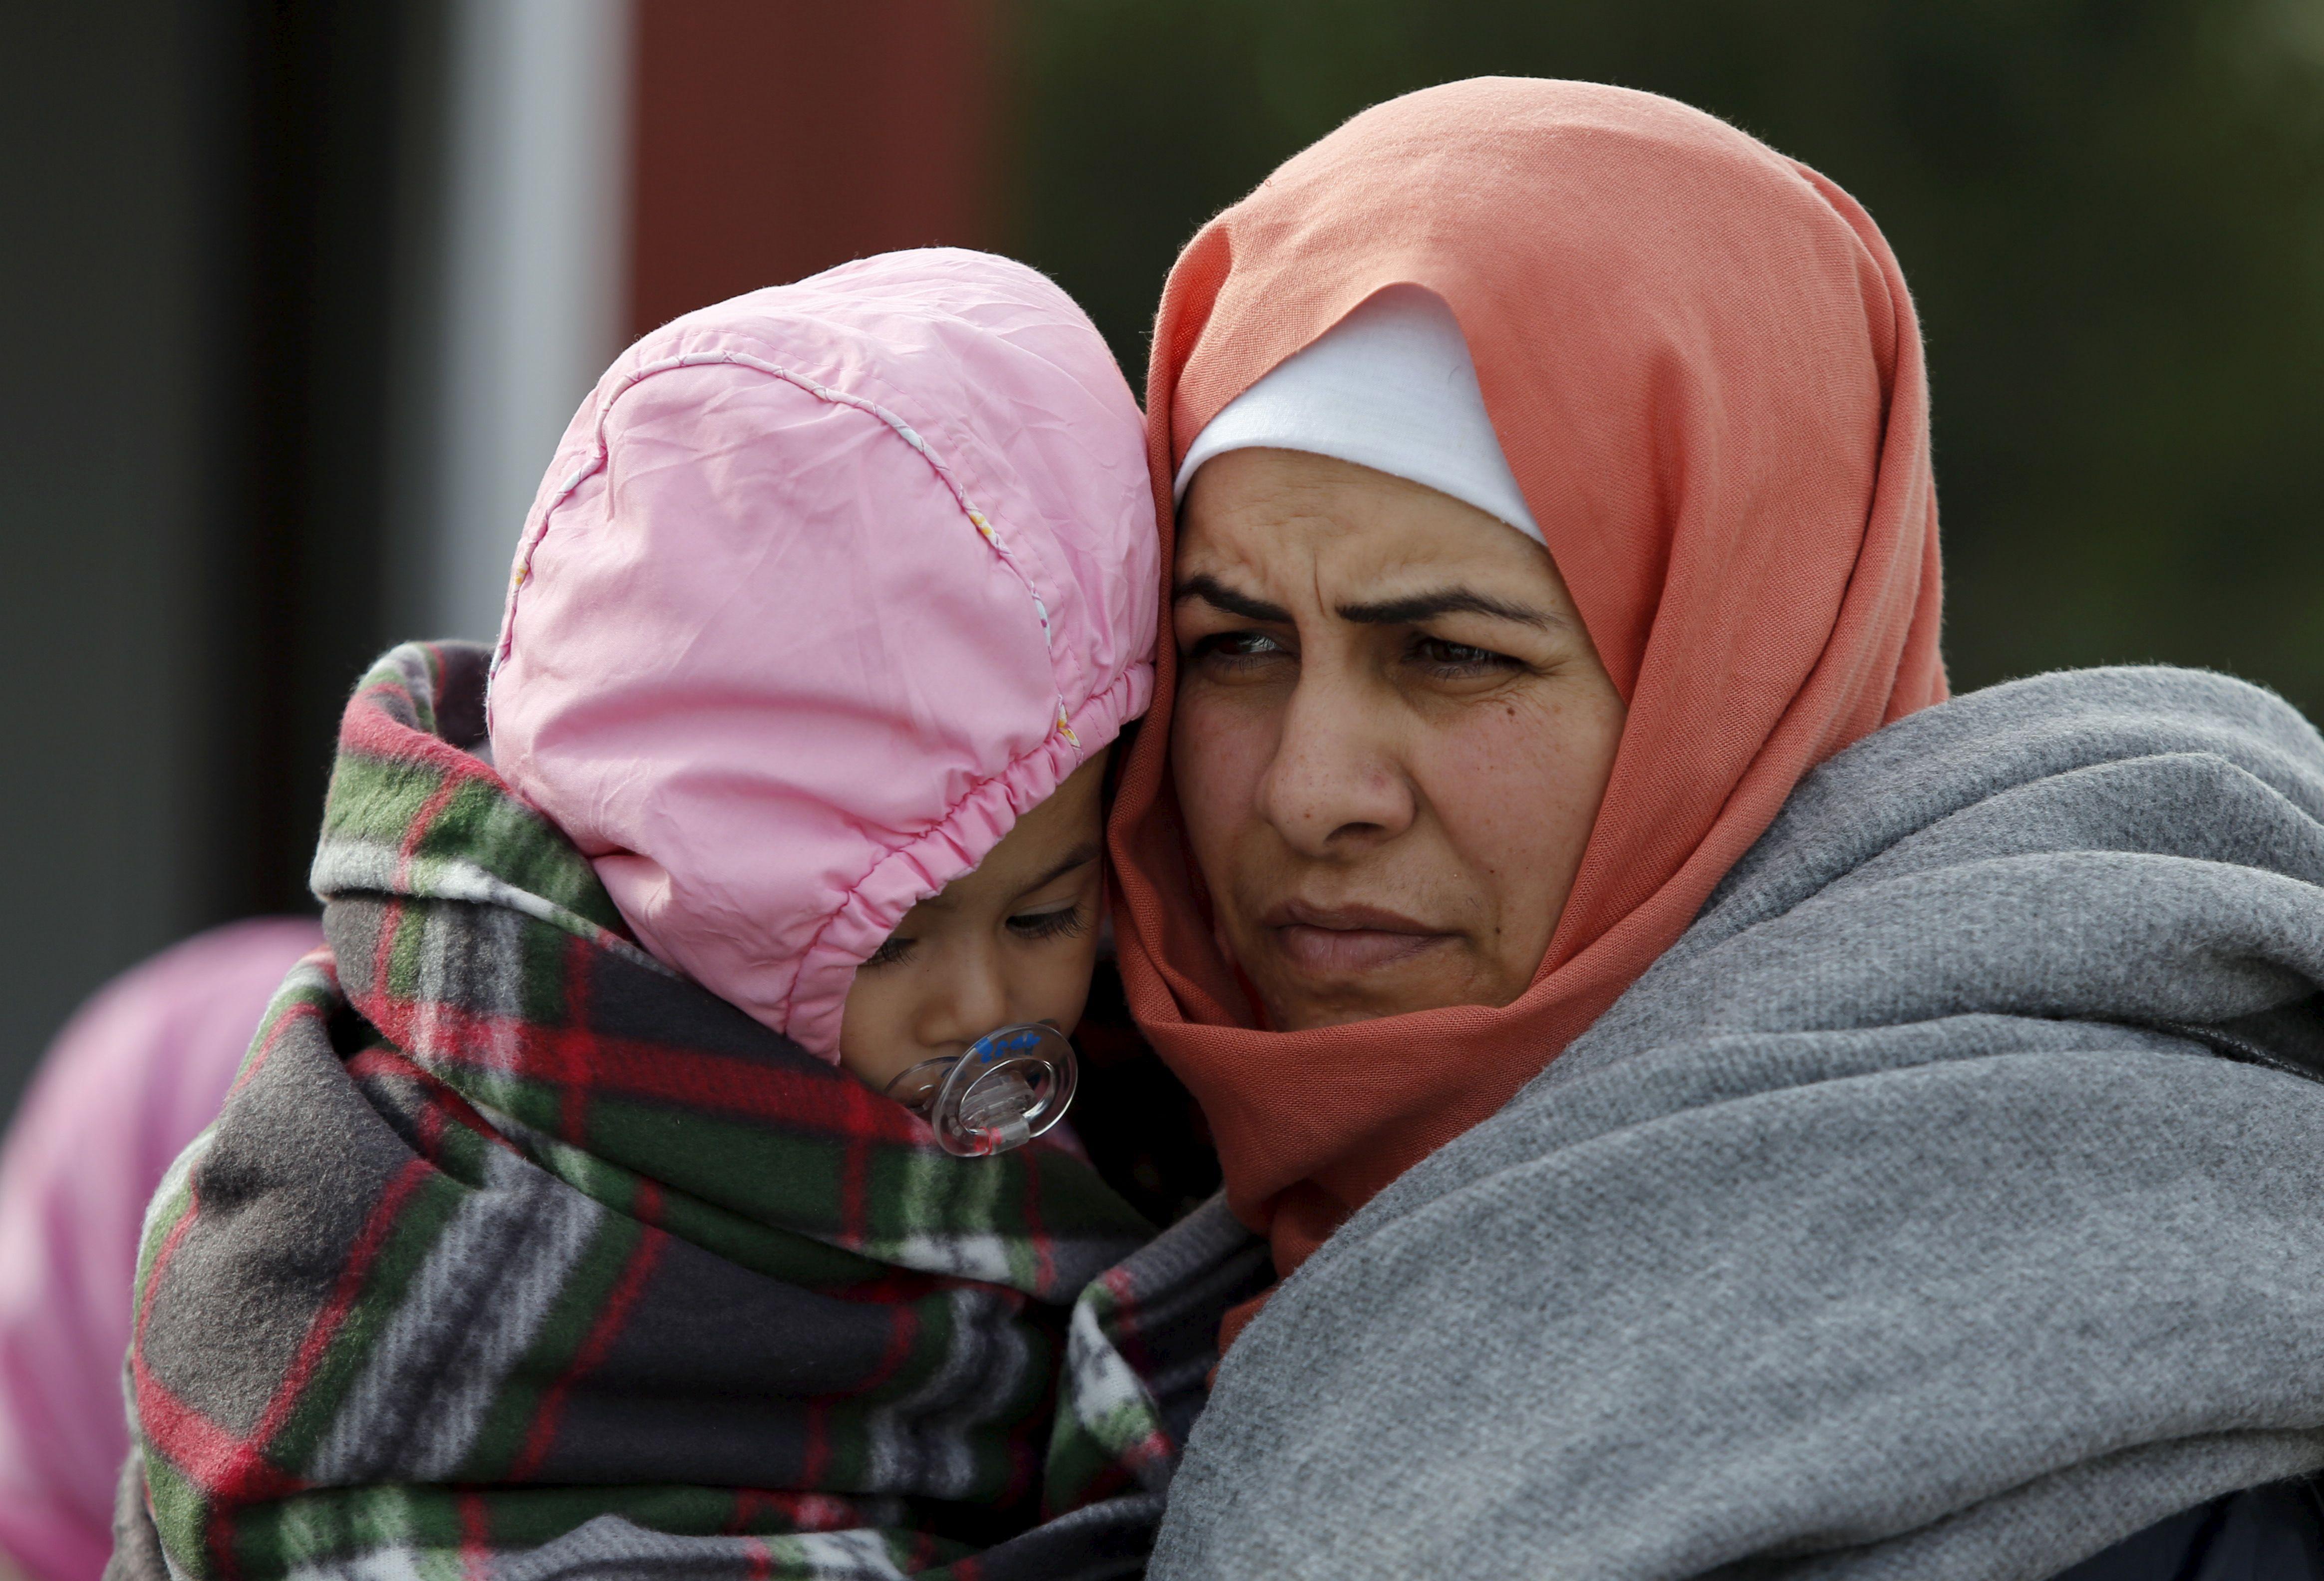 En Allemagne, on observe qu'une petite mais significative proportion des migrants musulmans se convertissent au christianisme.